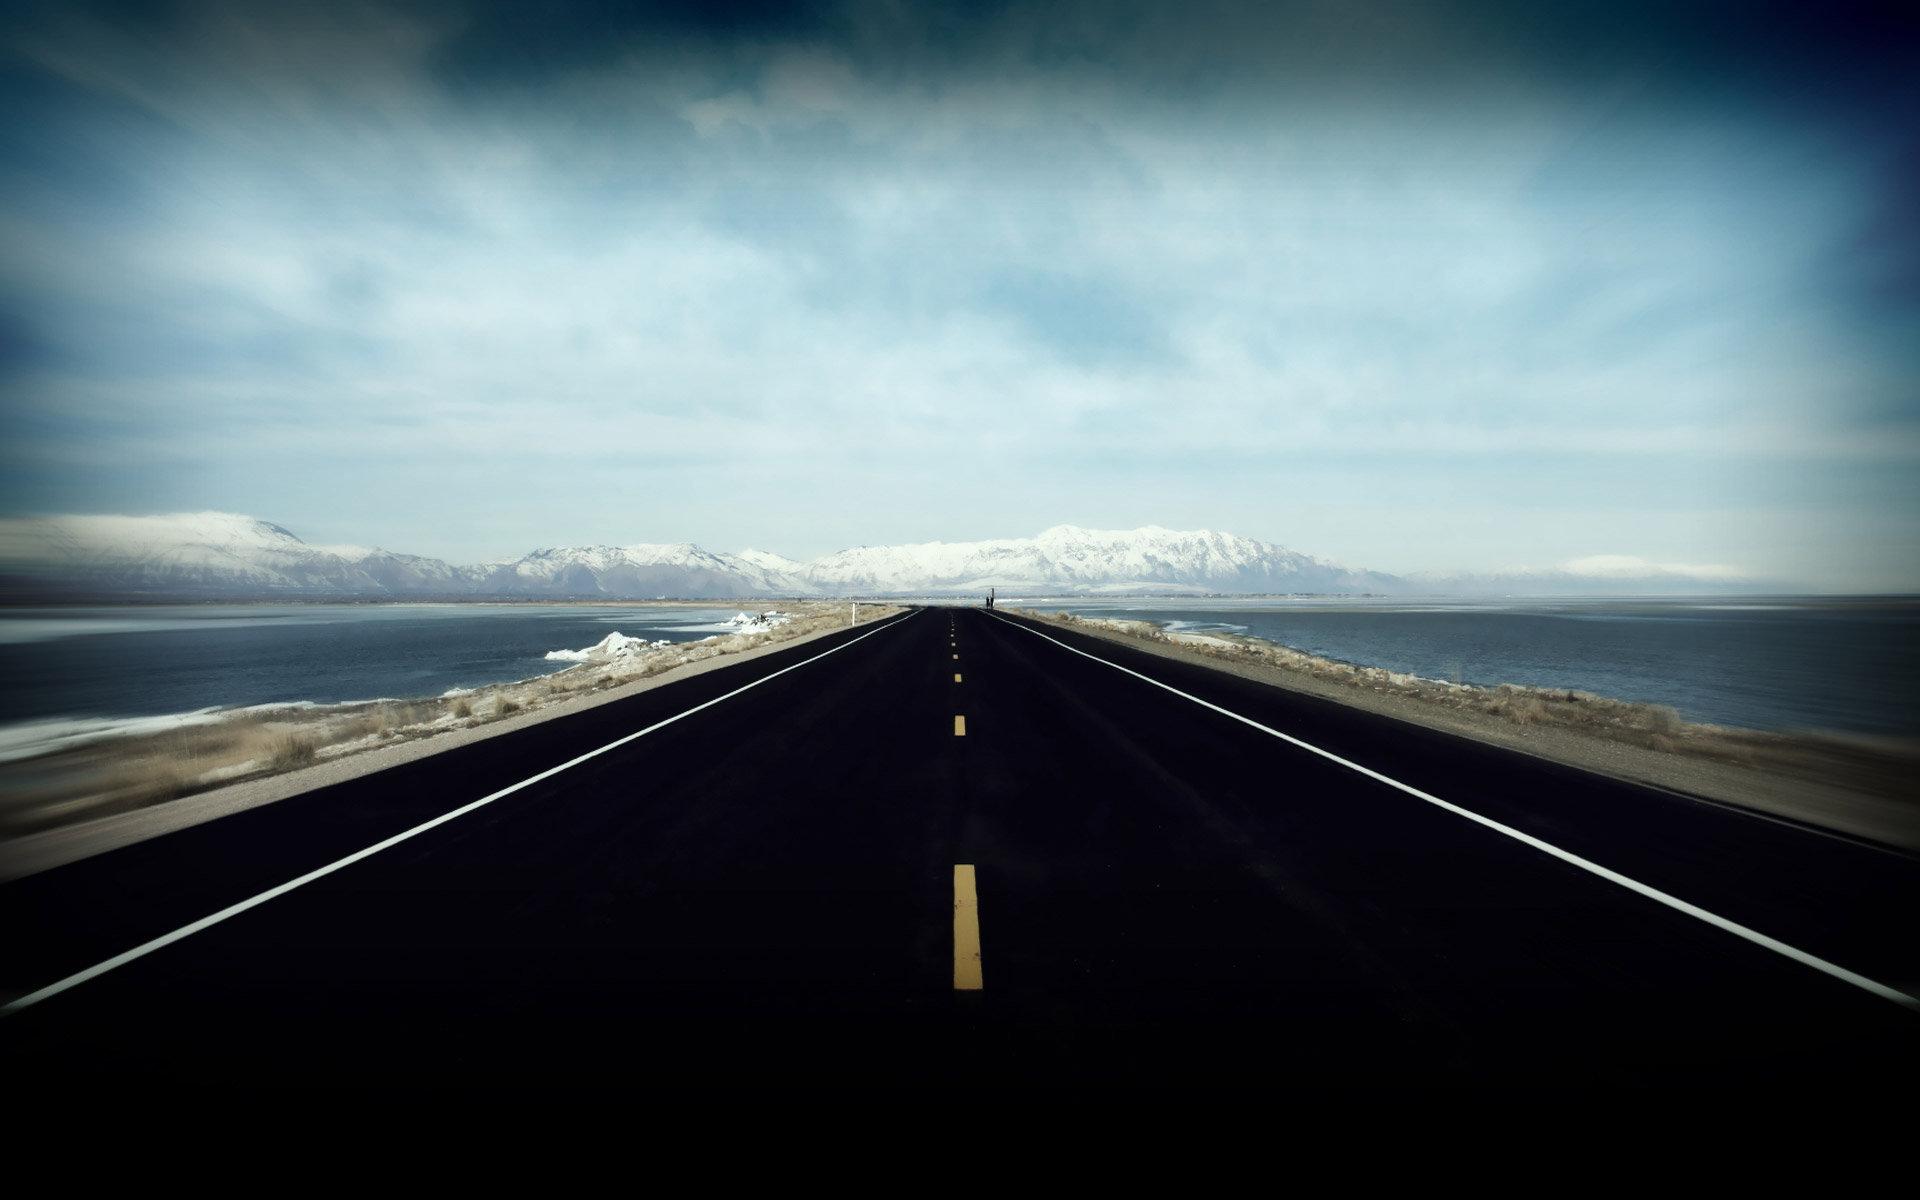 Asfalt Yol Bakış - Yol inşa teknolojileri